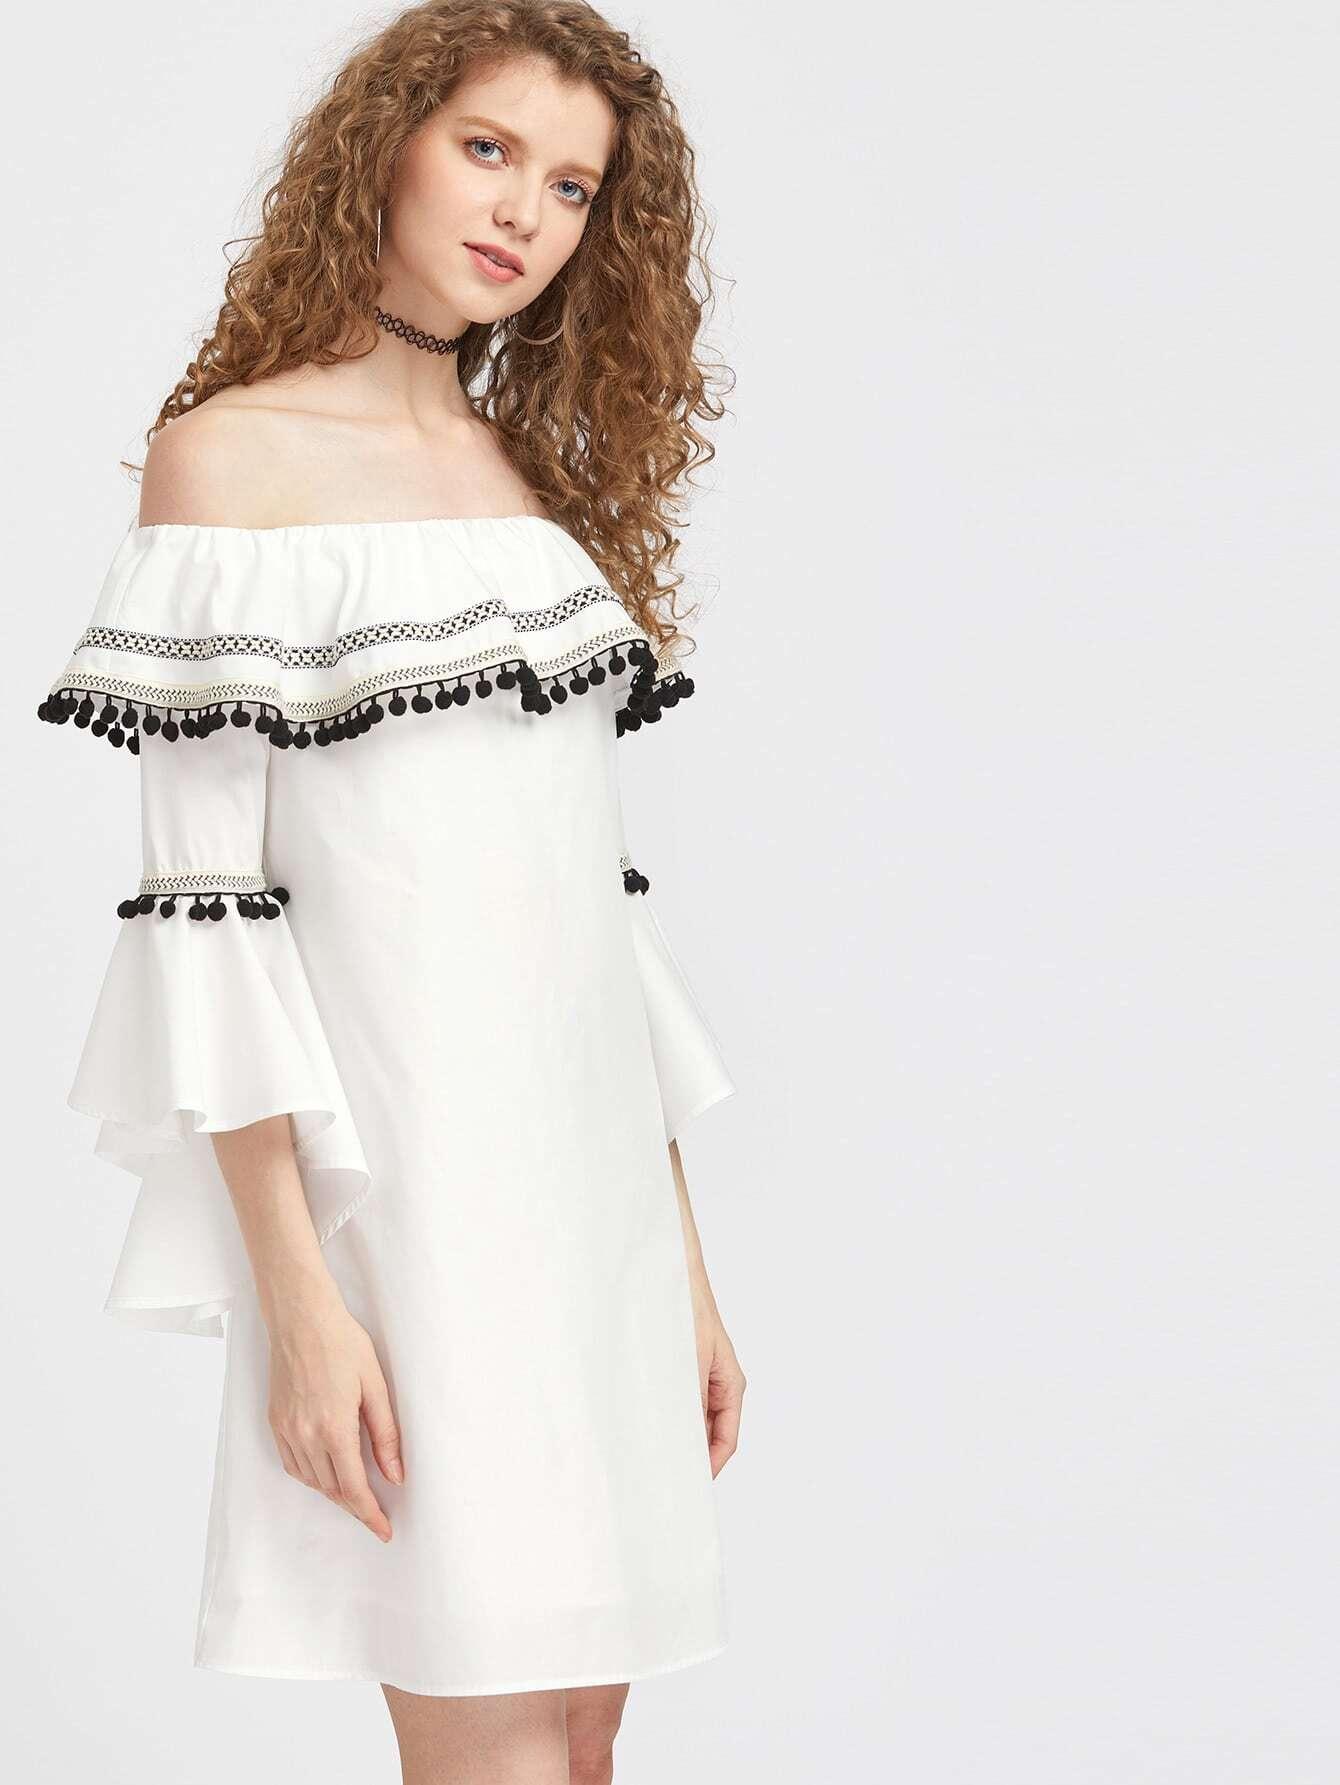 dress170406704_2